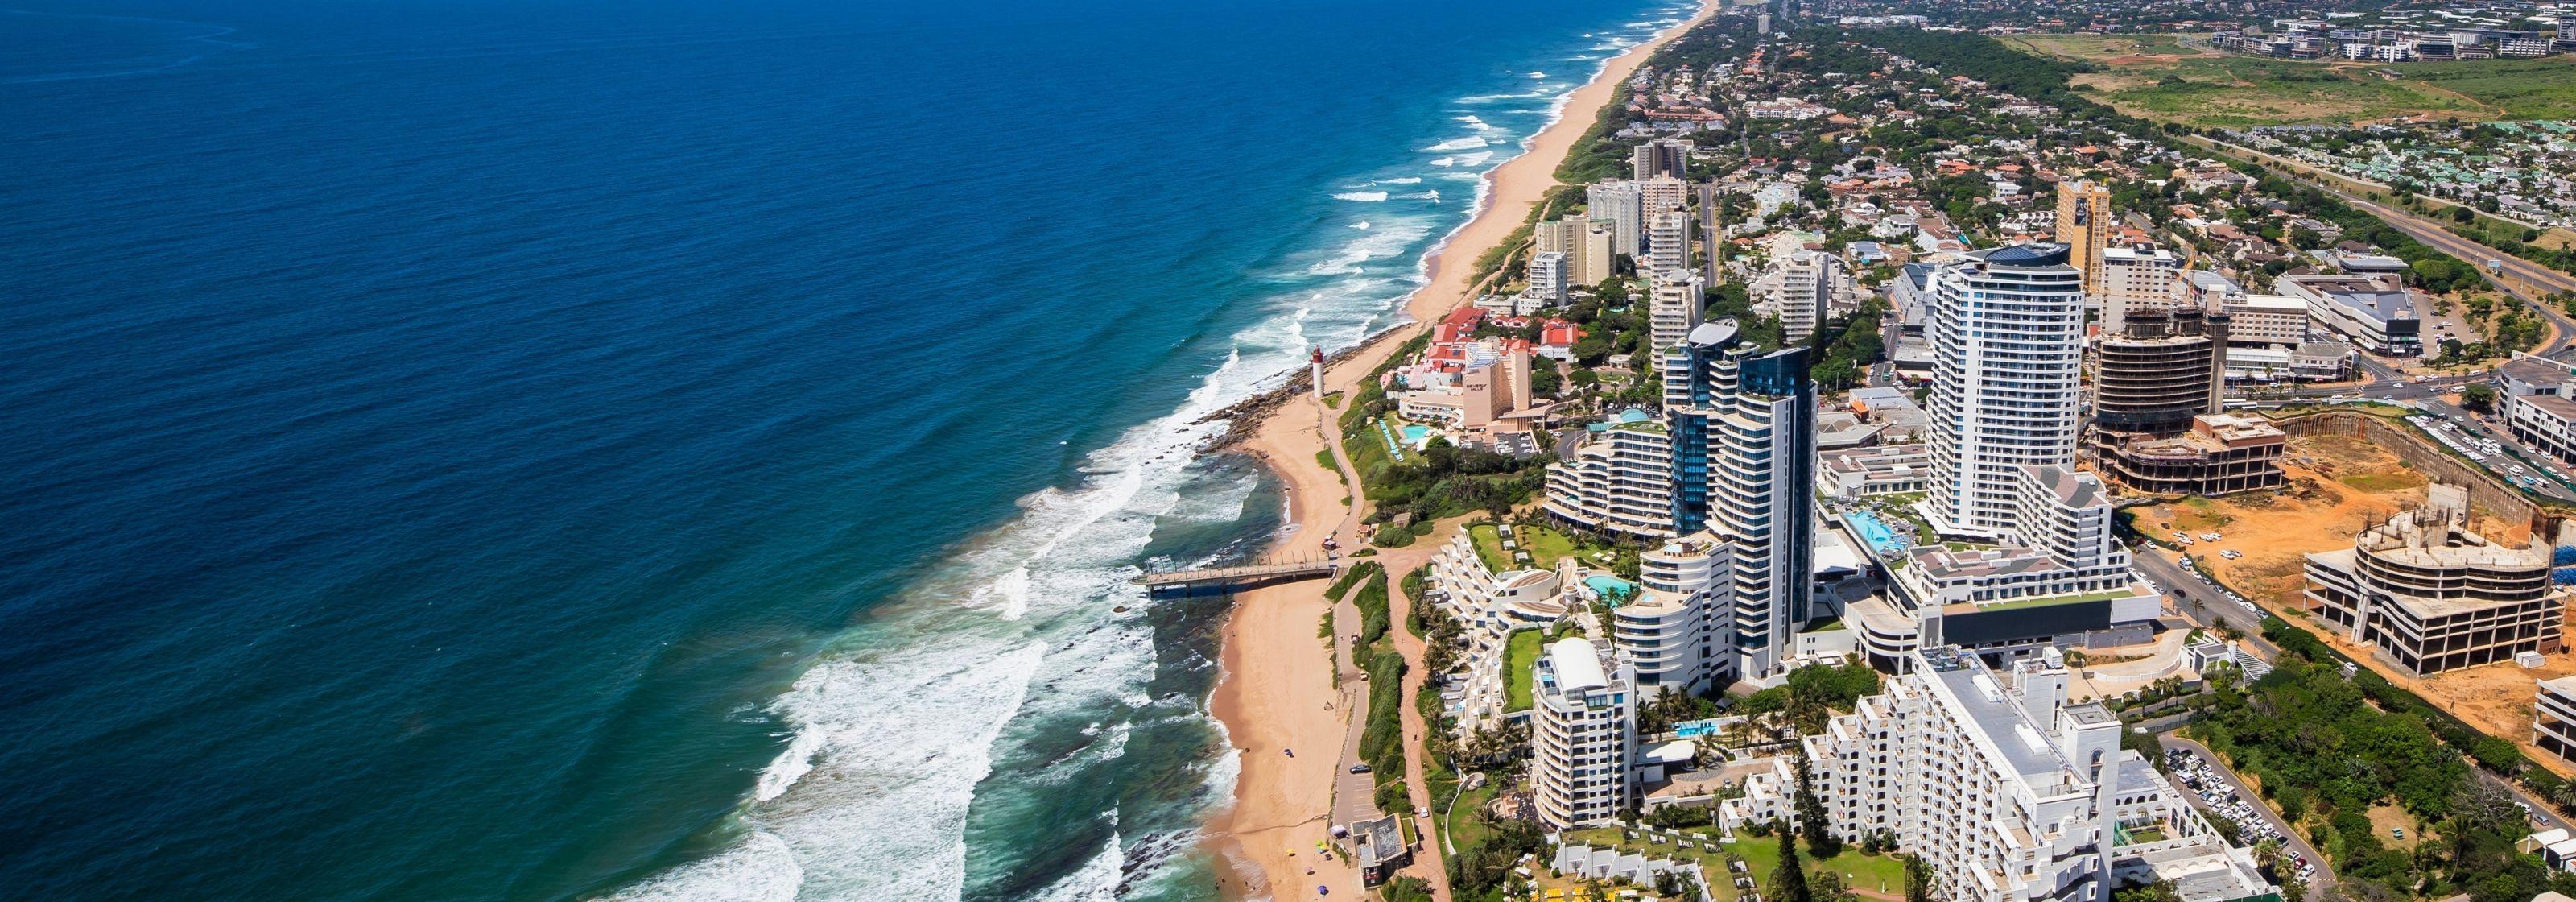 Cosas que hacer en Durban